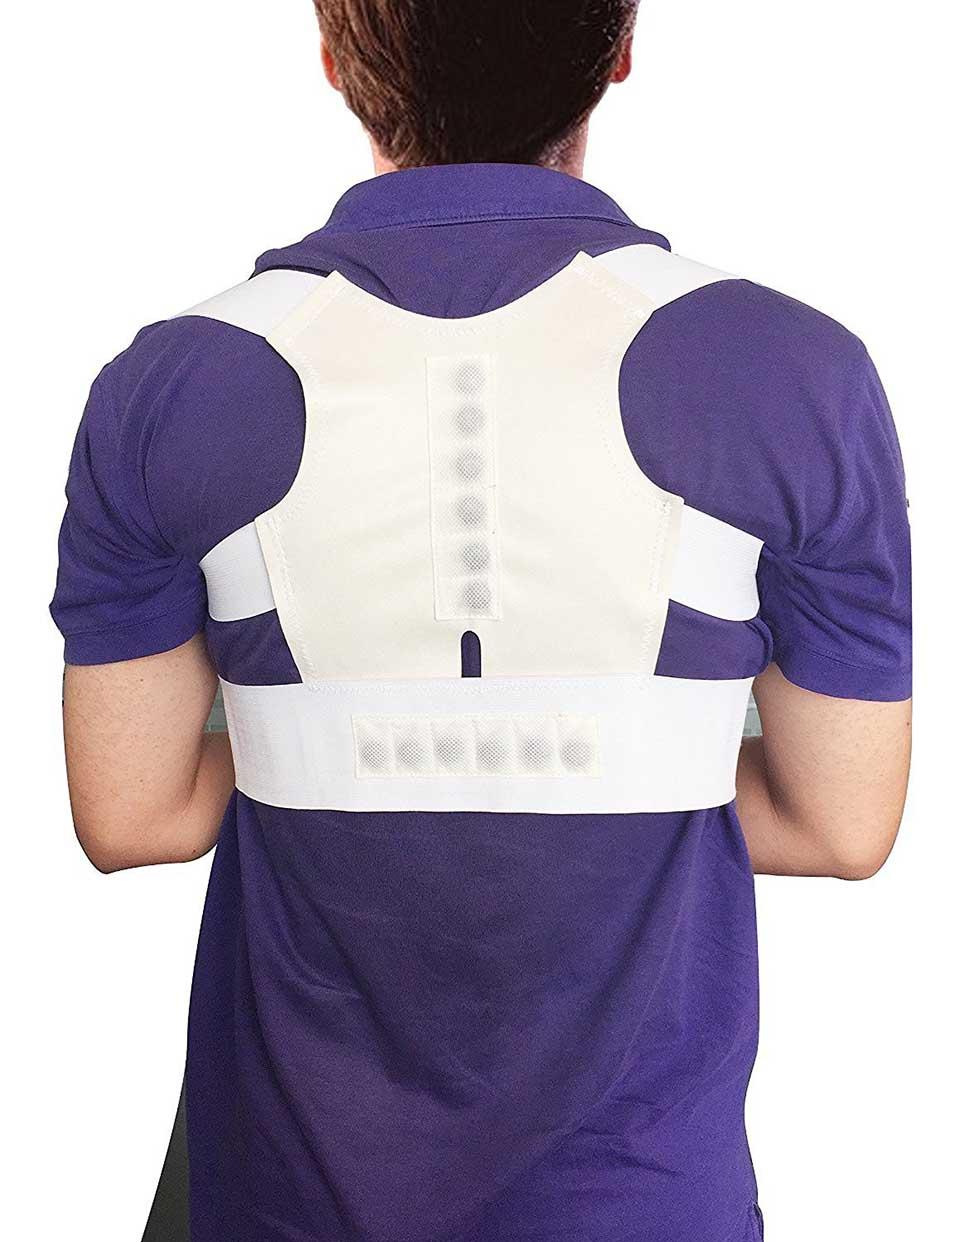 Professional Back Posture Corrector Vest Shoulder Posture Corrector for Women Orthopedic Belts Shoulder Corrector Pain Relief